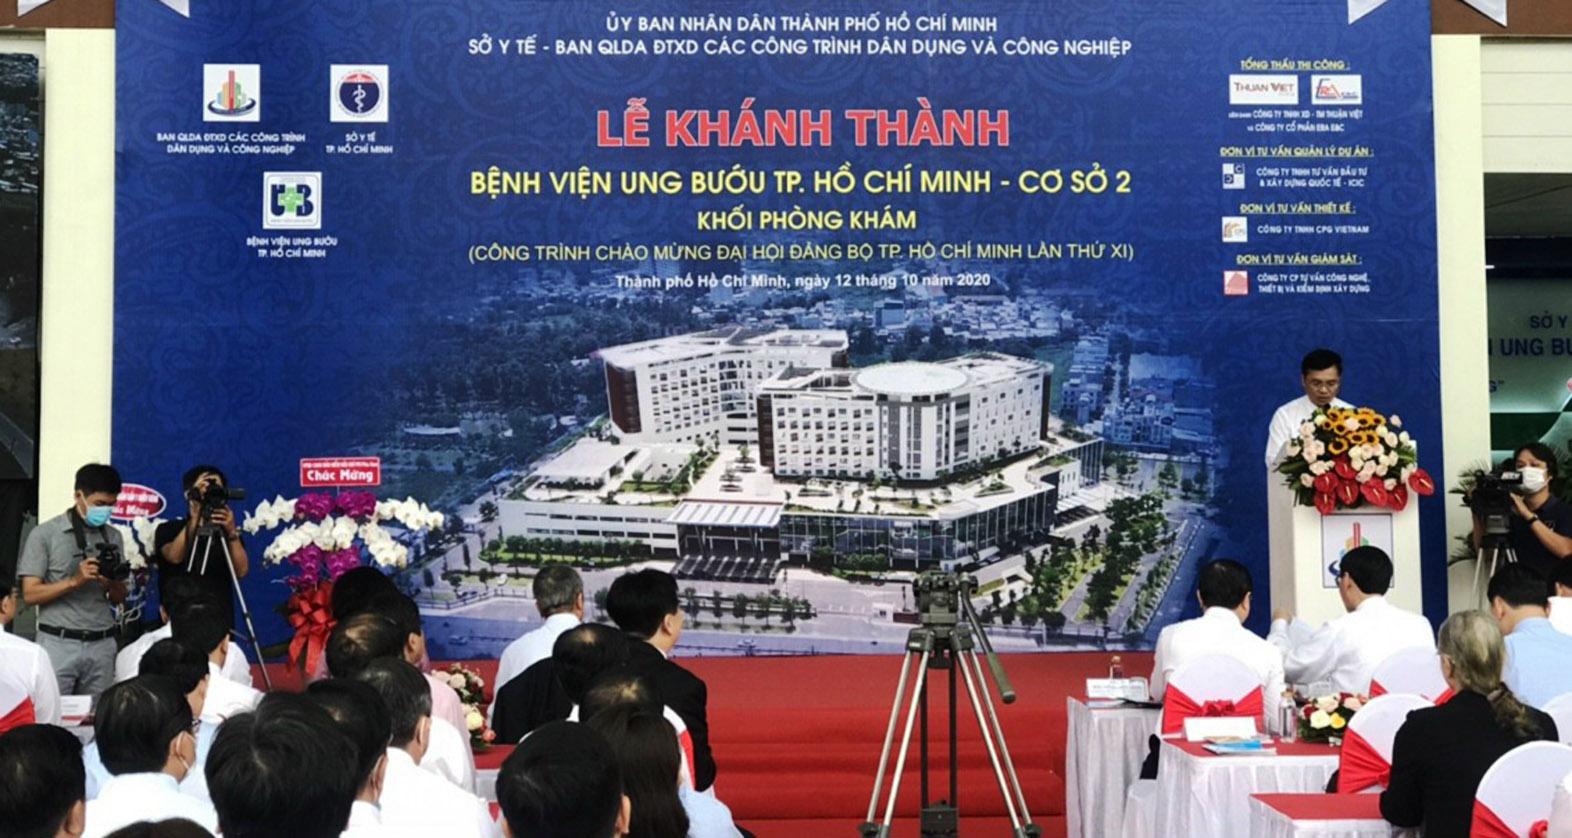 Khánh thành Bệnh viện Ung bướu TP Hồ Chí Minh cơ sở 2 với 1.000 giường